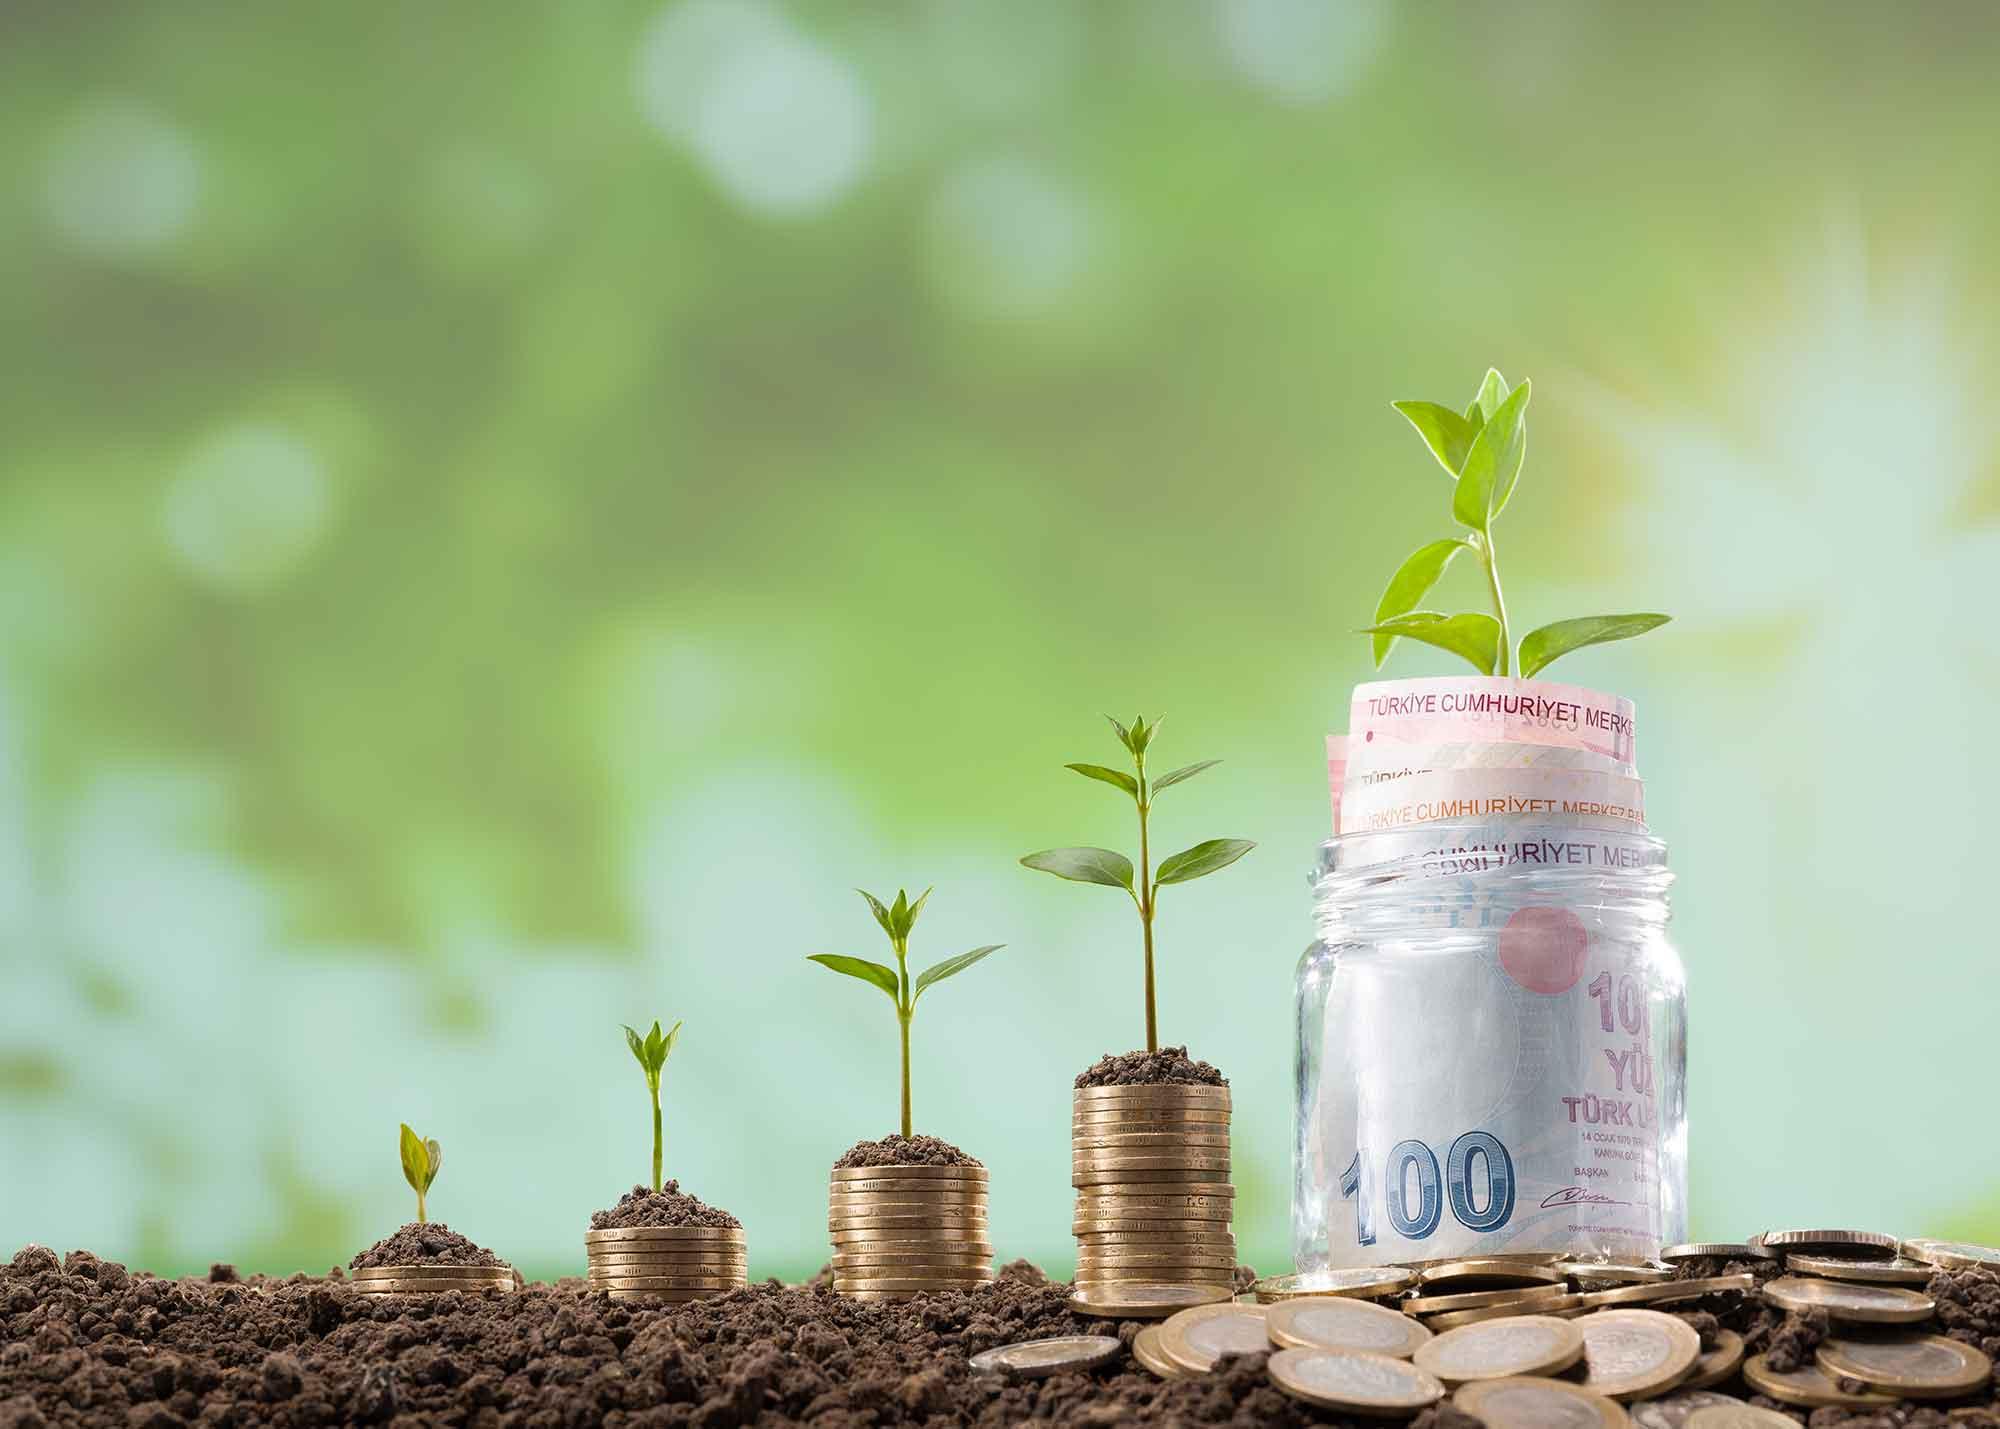 صورة تحوي نقود ونباتات خضراء تدل في معناها على الزكاة